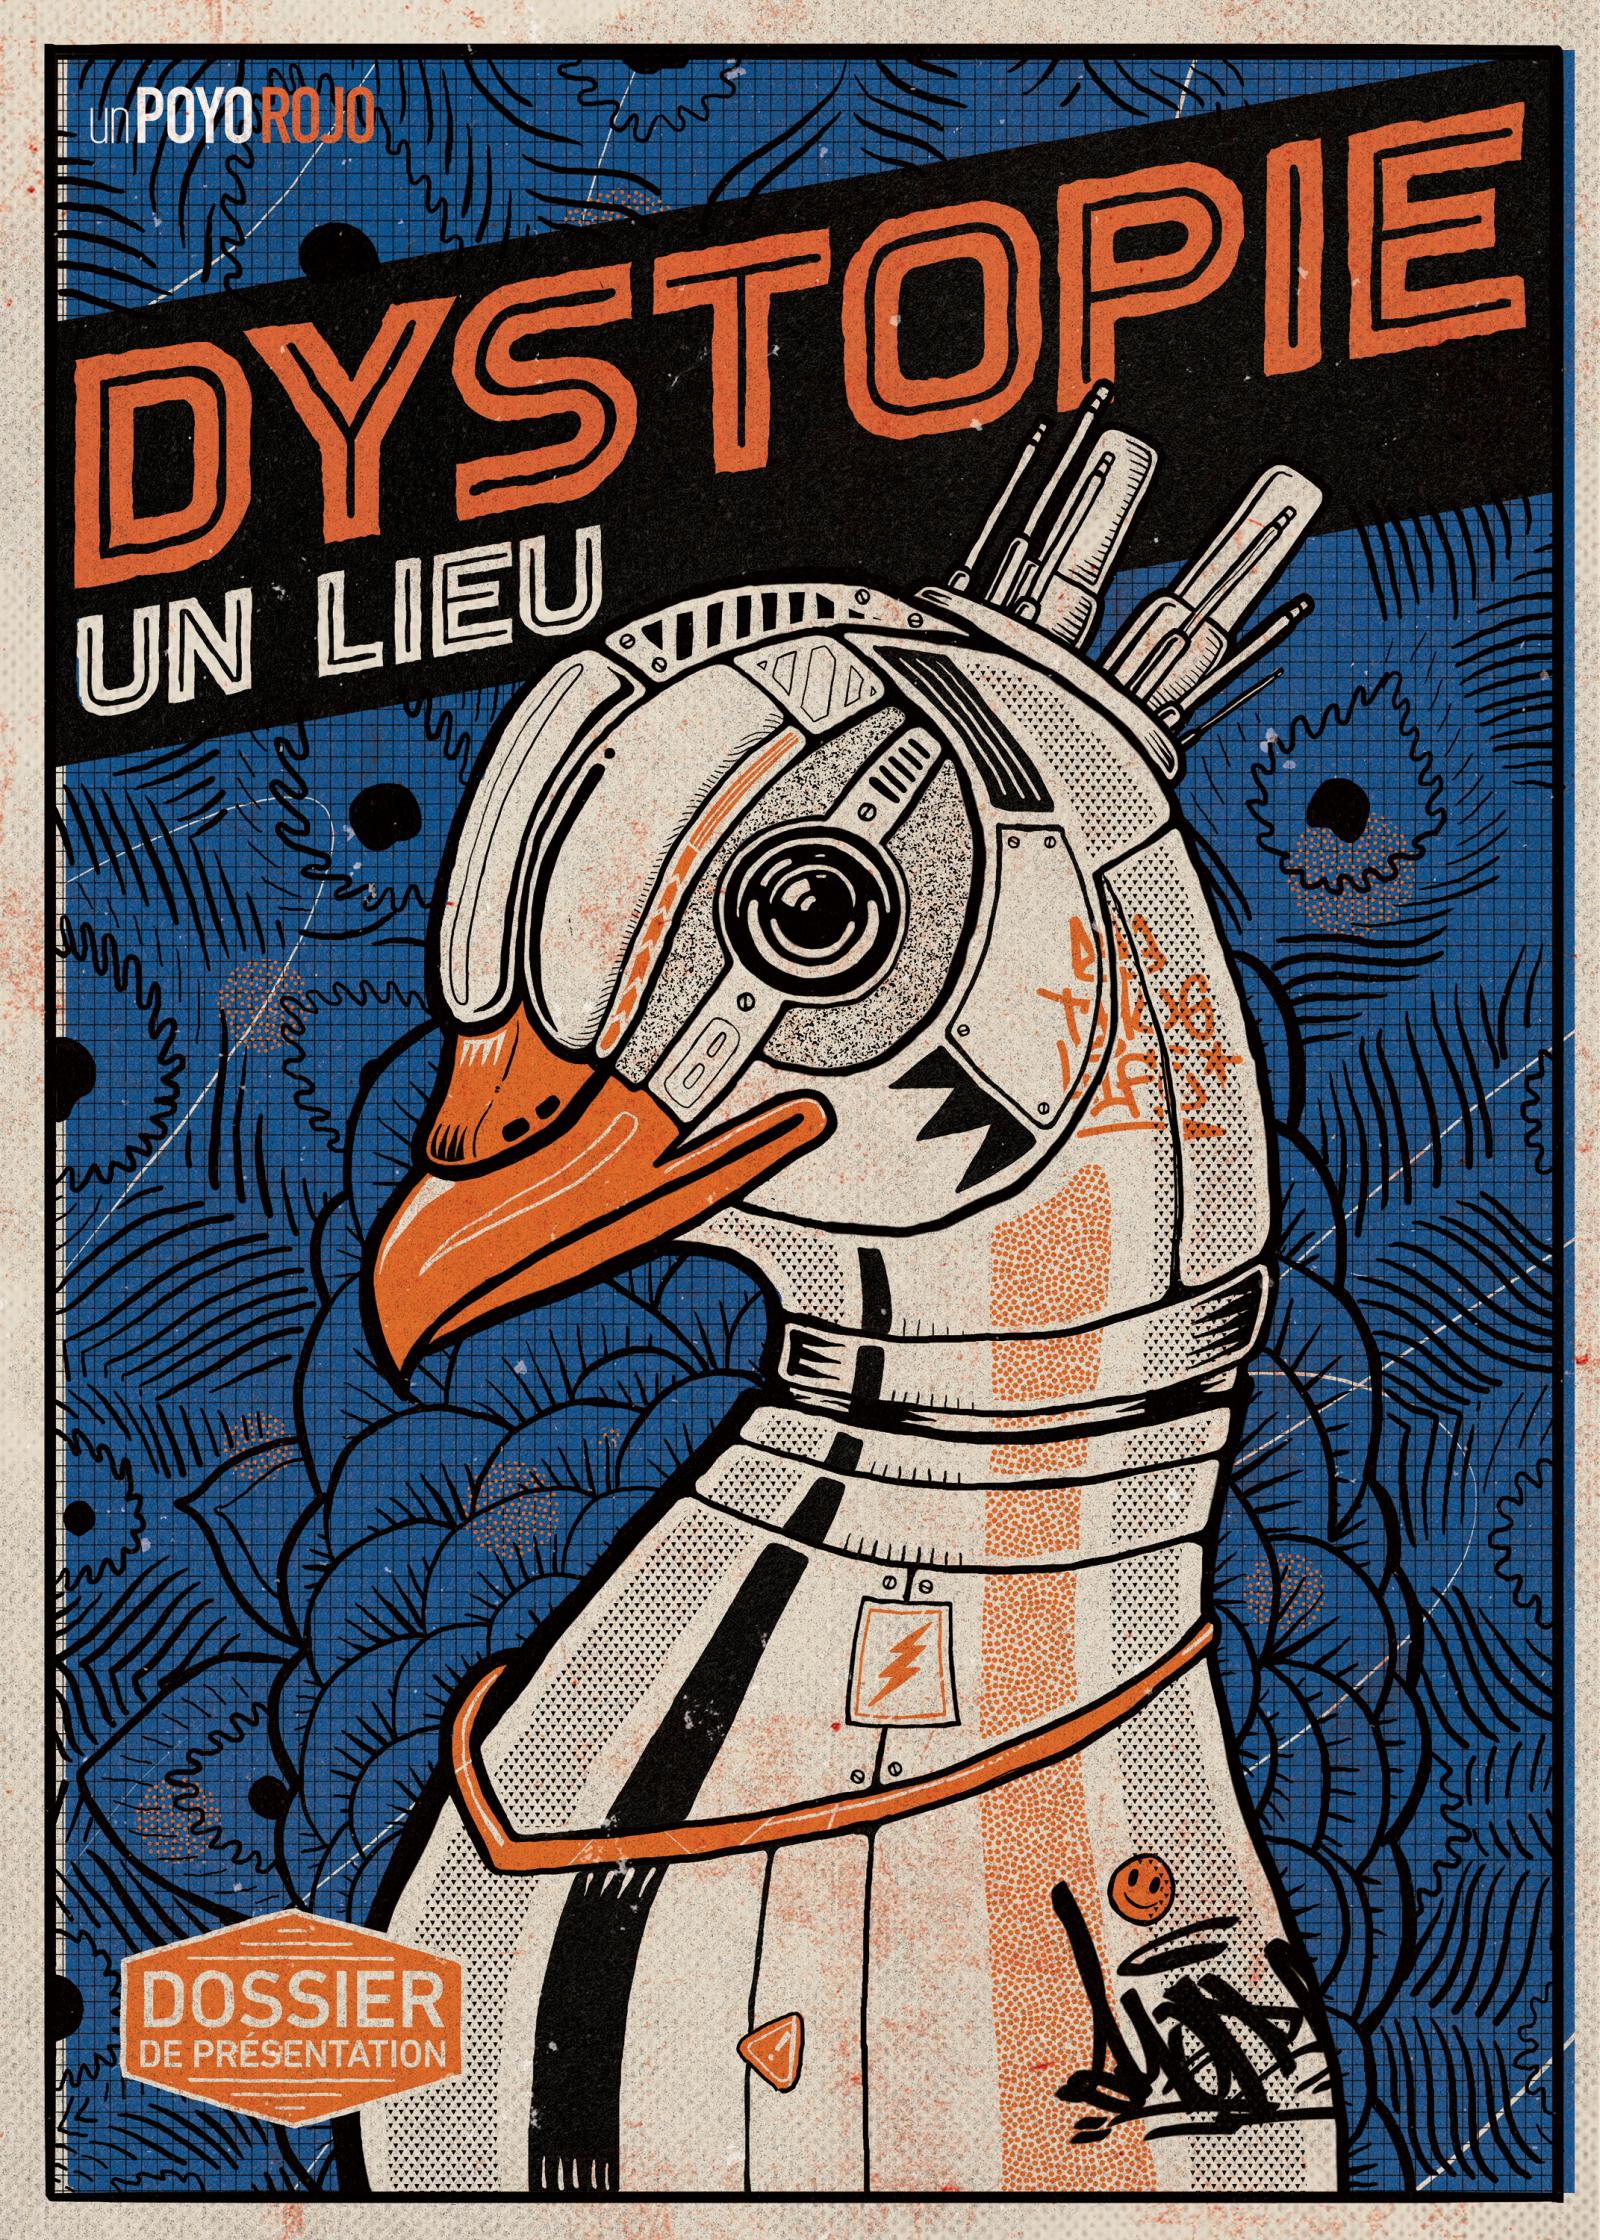 Dystopie-Un-Lieu.jpg